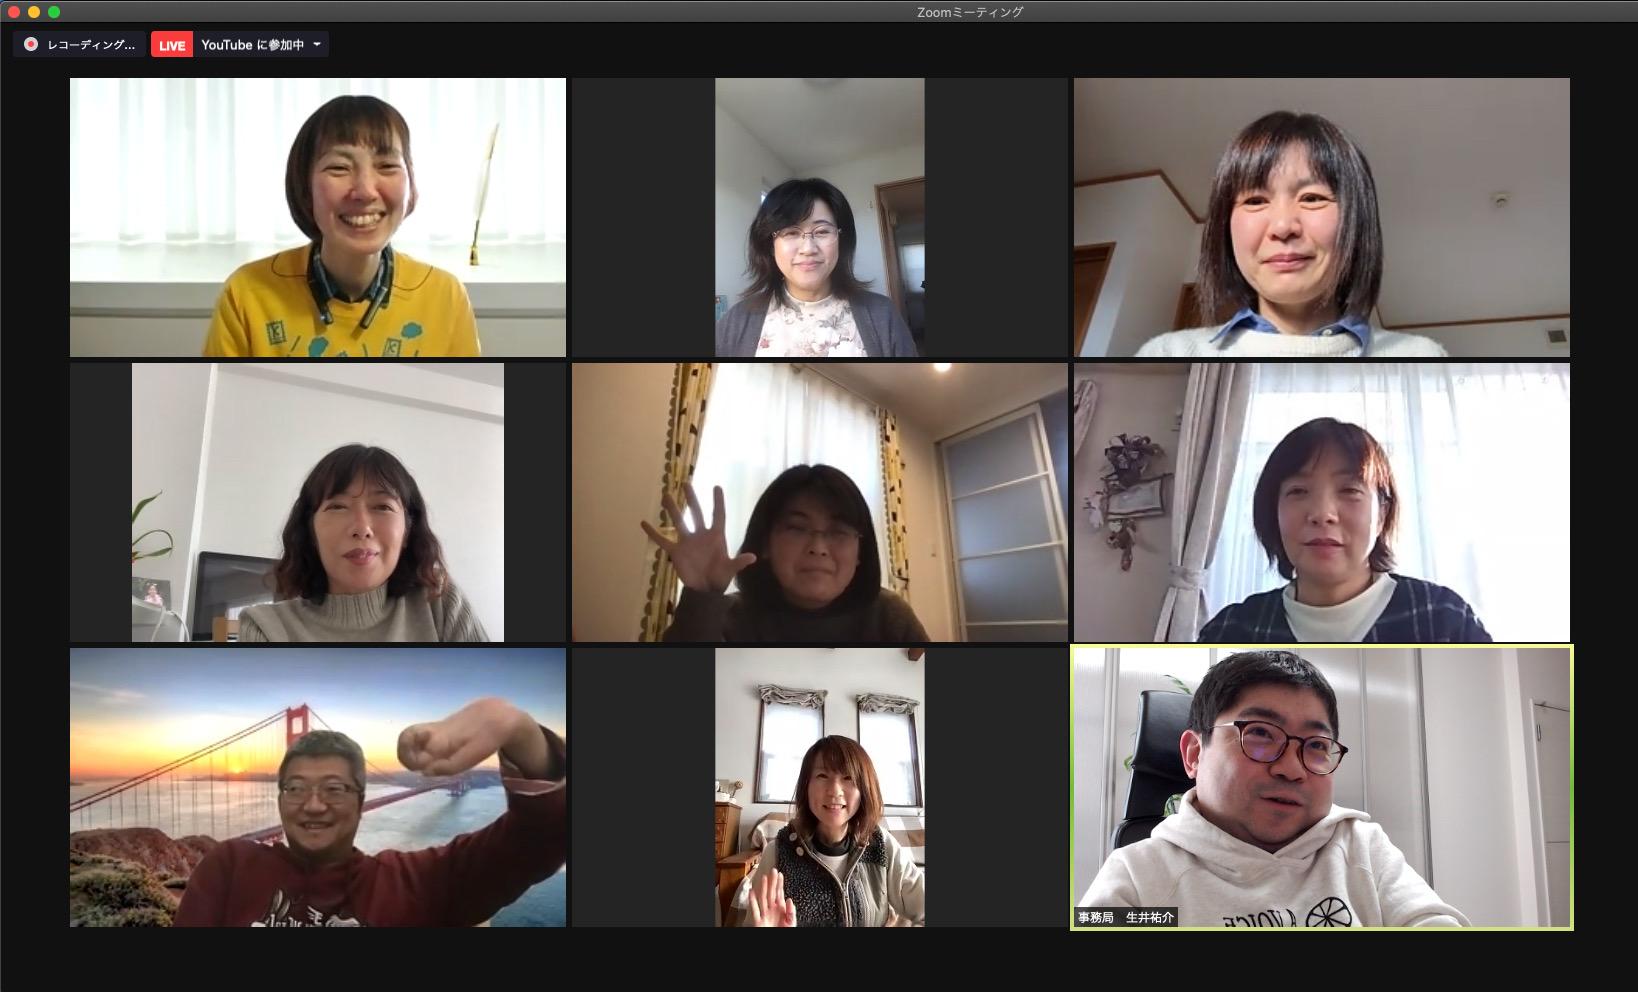 参加者全員が写っているzoom画面